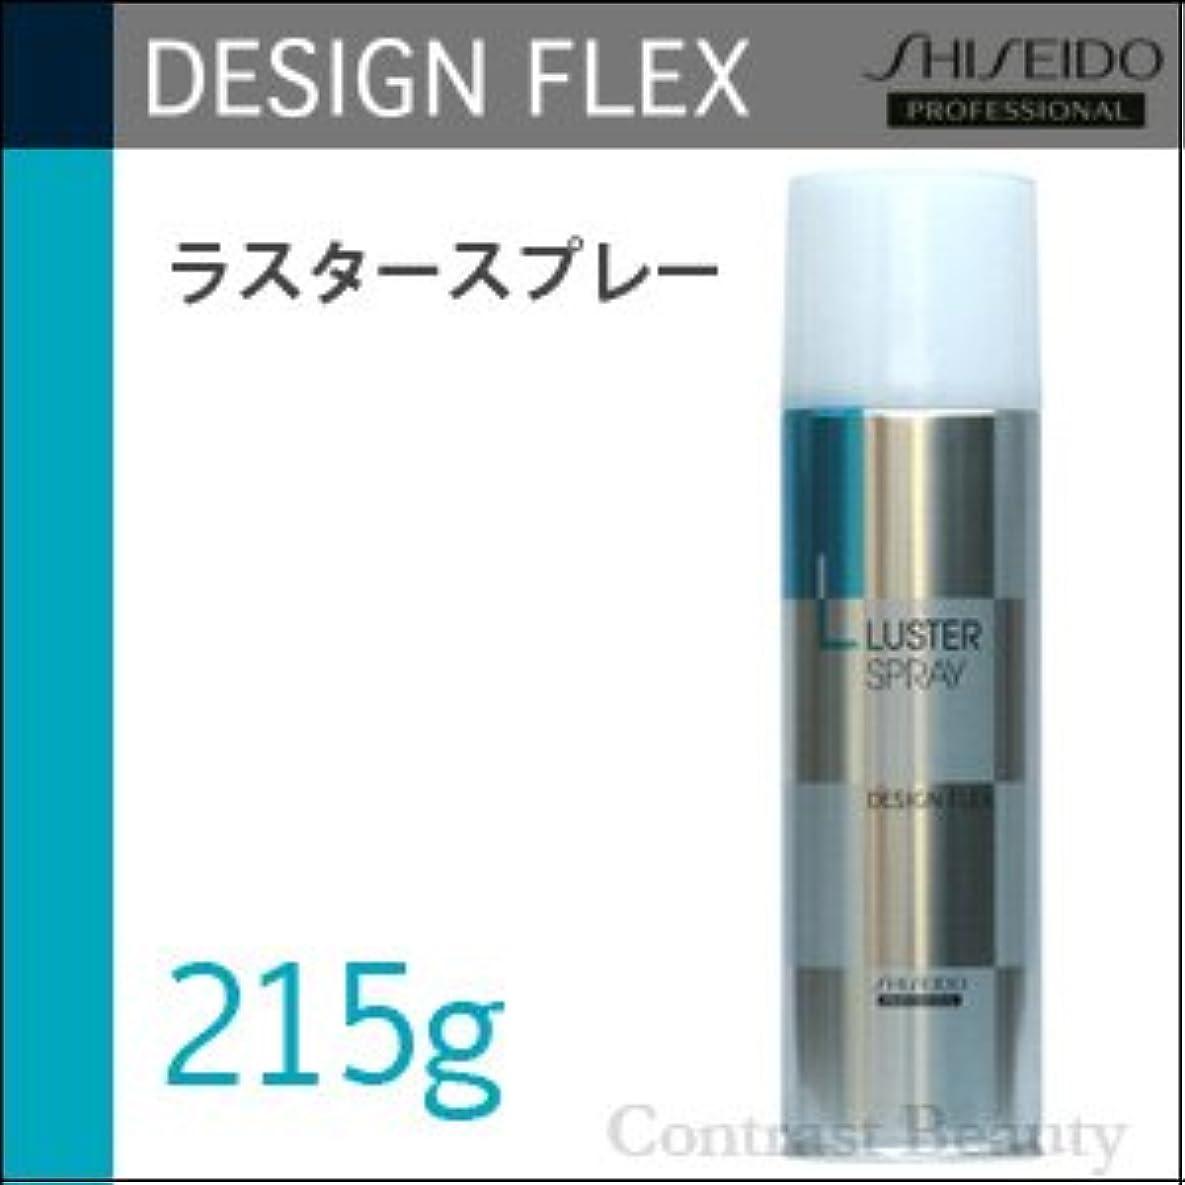 ボア常習者欺く【x3個セット】 資生堂 デザインフレックス ラスタースプレー 215g